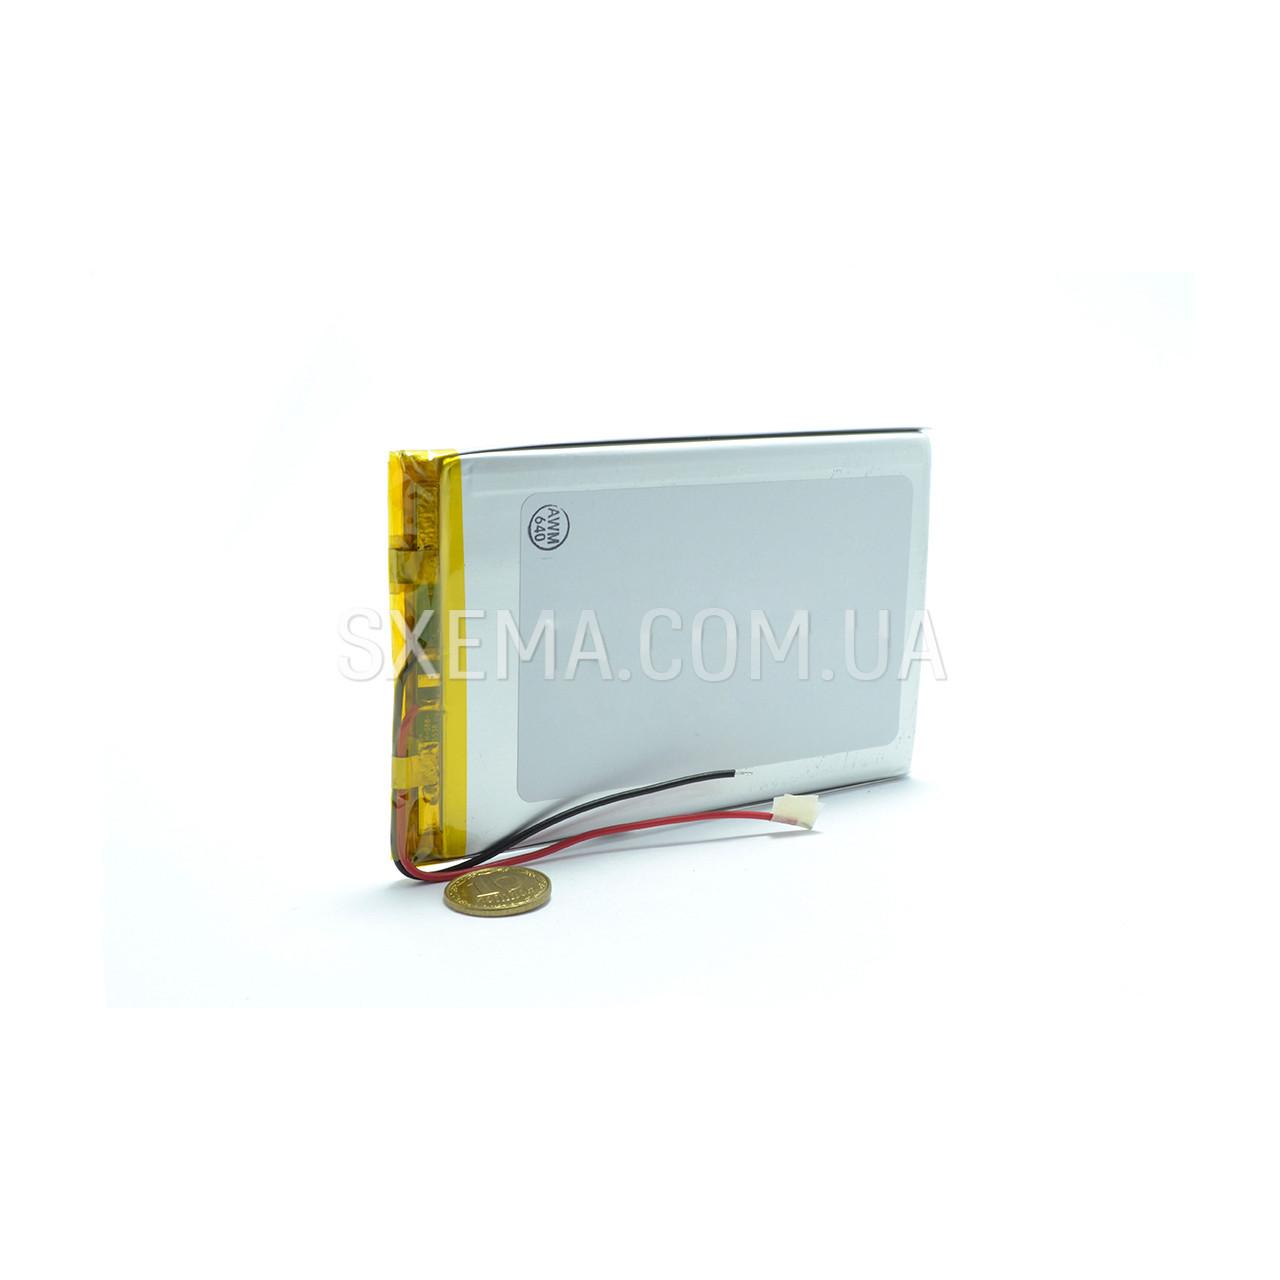 Аккумулятор универсальный 055090  (Li-ion 7.4В 2400мА·ч), (90*50*5 мм)